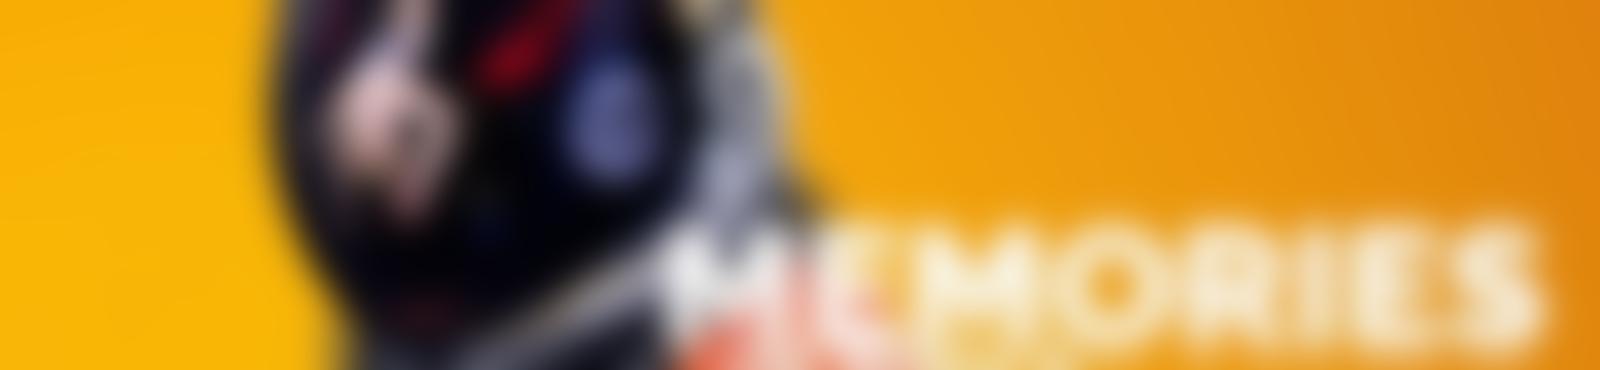 Blurred c5223e0d 2b73 4703 b0d0 55fb864bb525